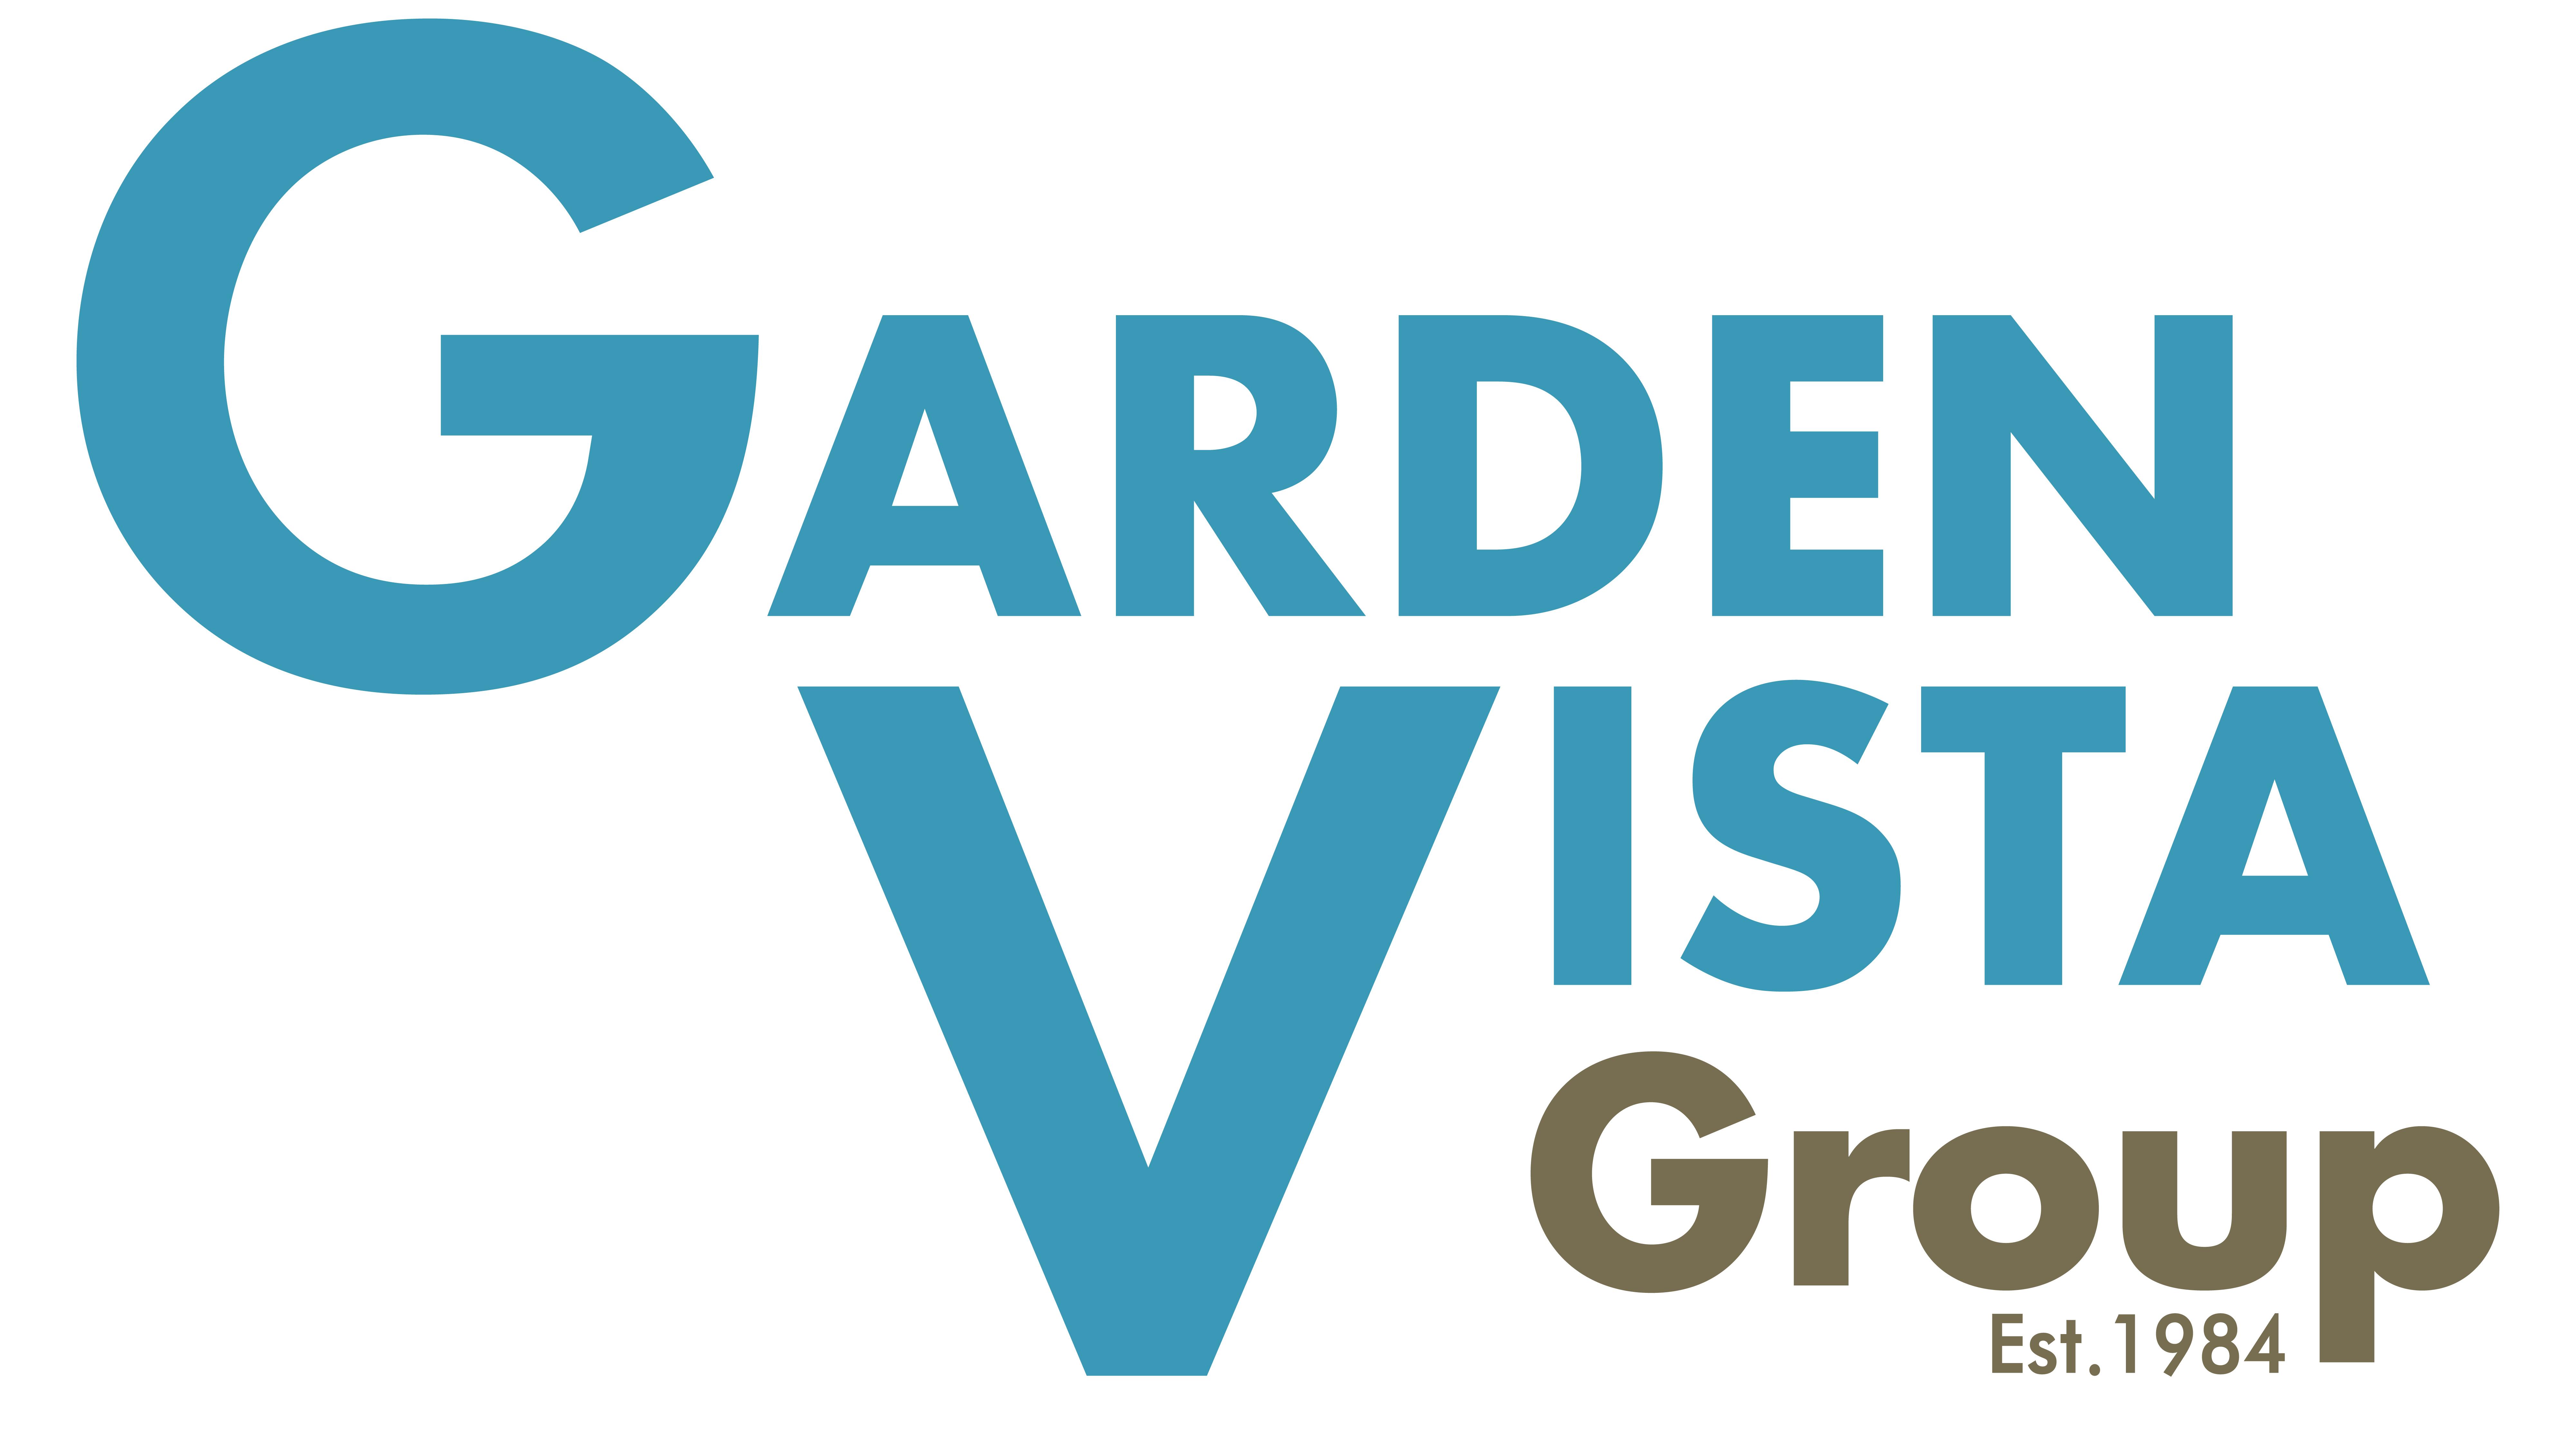 Main photo for Garden Vista Group